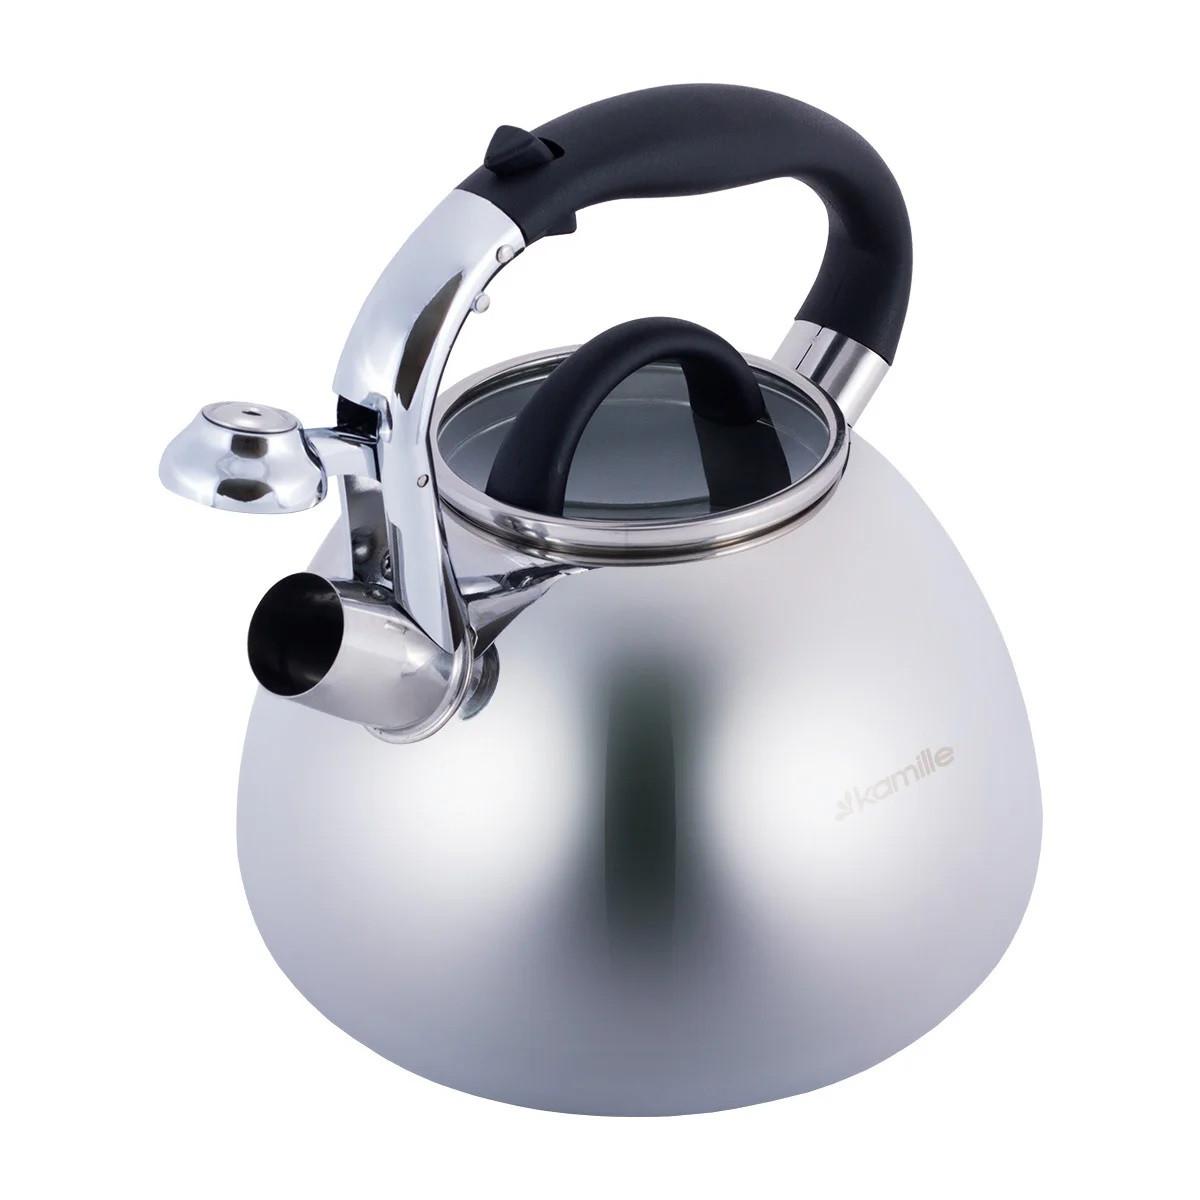 Чайник Kamille со свистком и бакелитовой ручкой 2,8 л